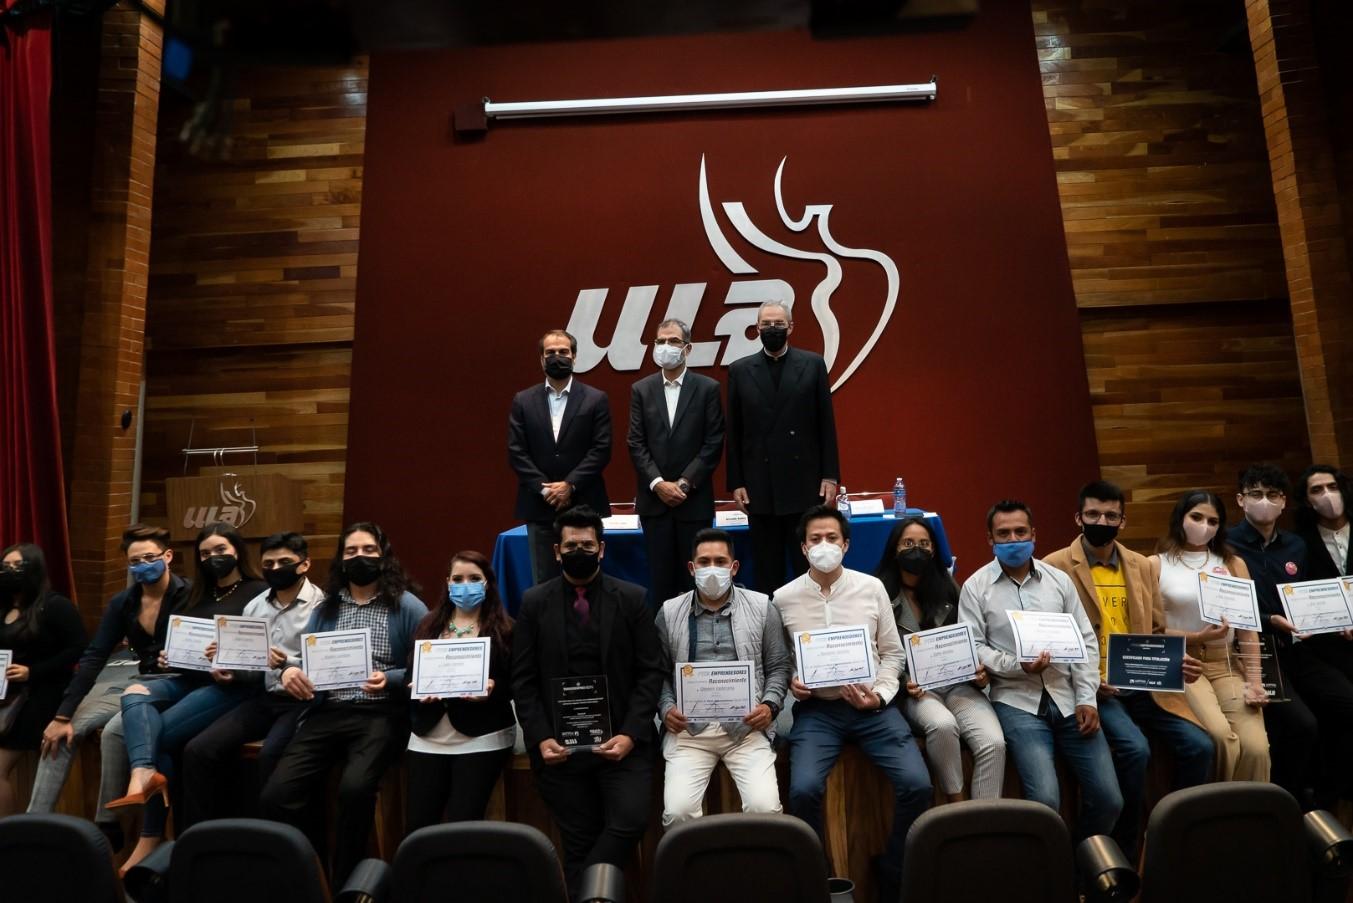 Un grupo de personas en un auditorio  Descripción generada automáticamente